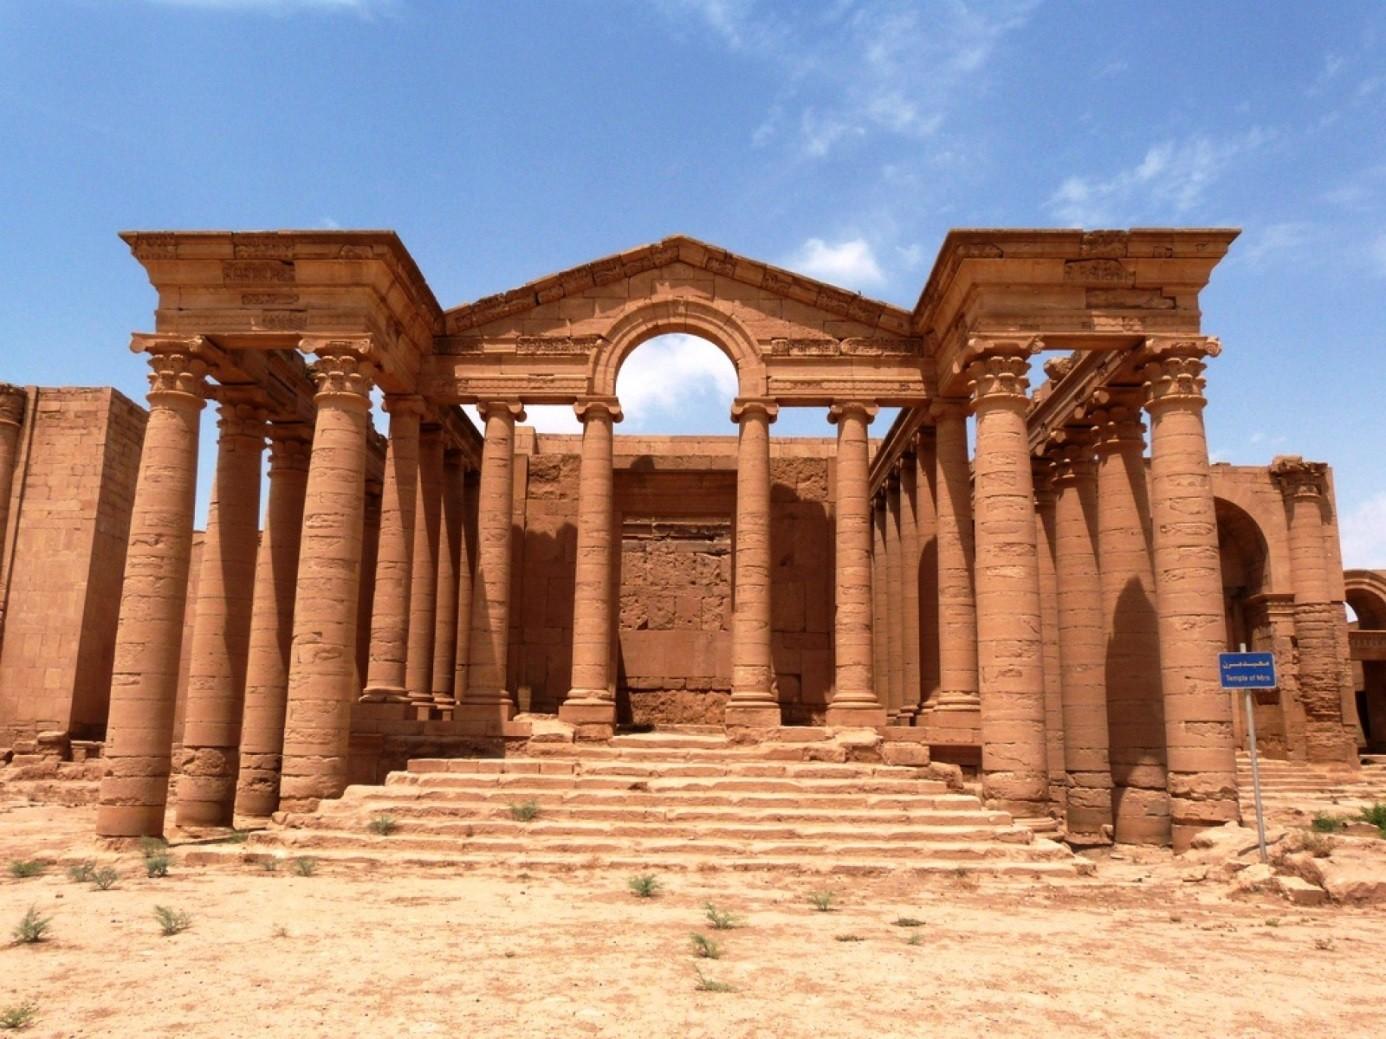 ışid'in zarar verdiği tarihi yapılar